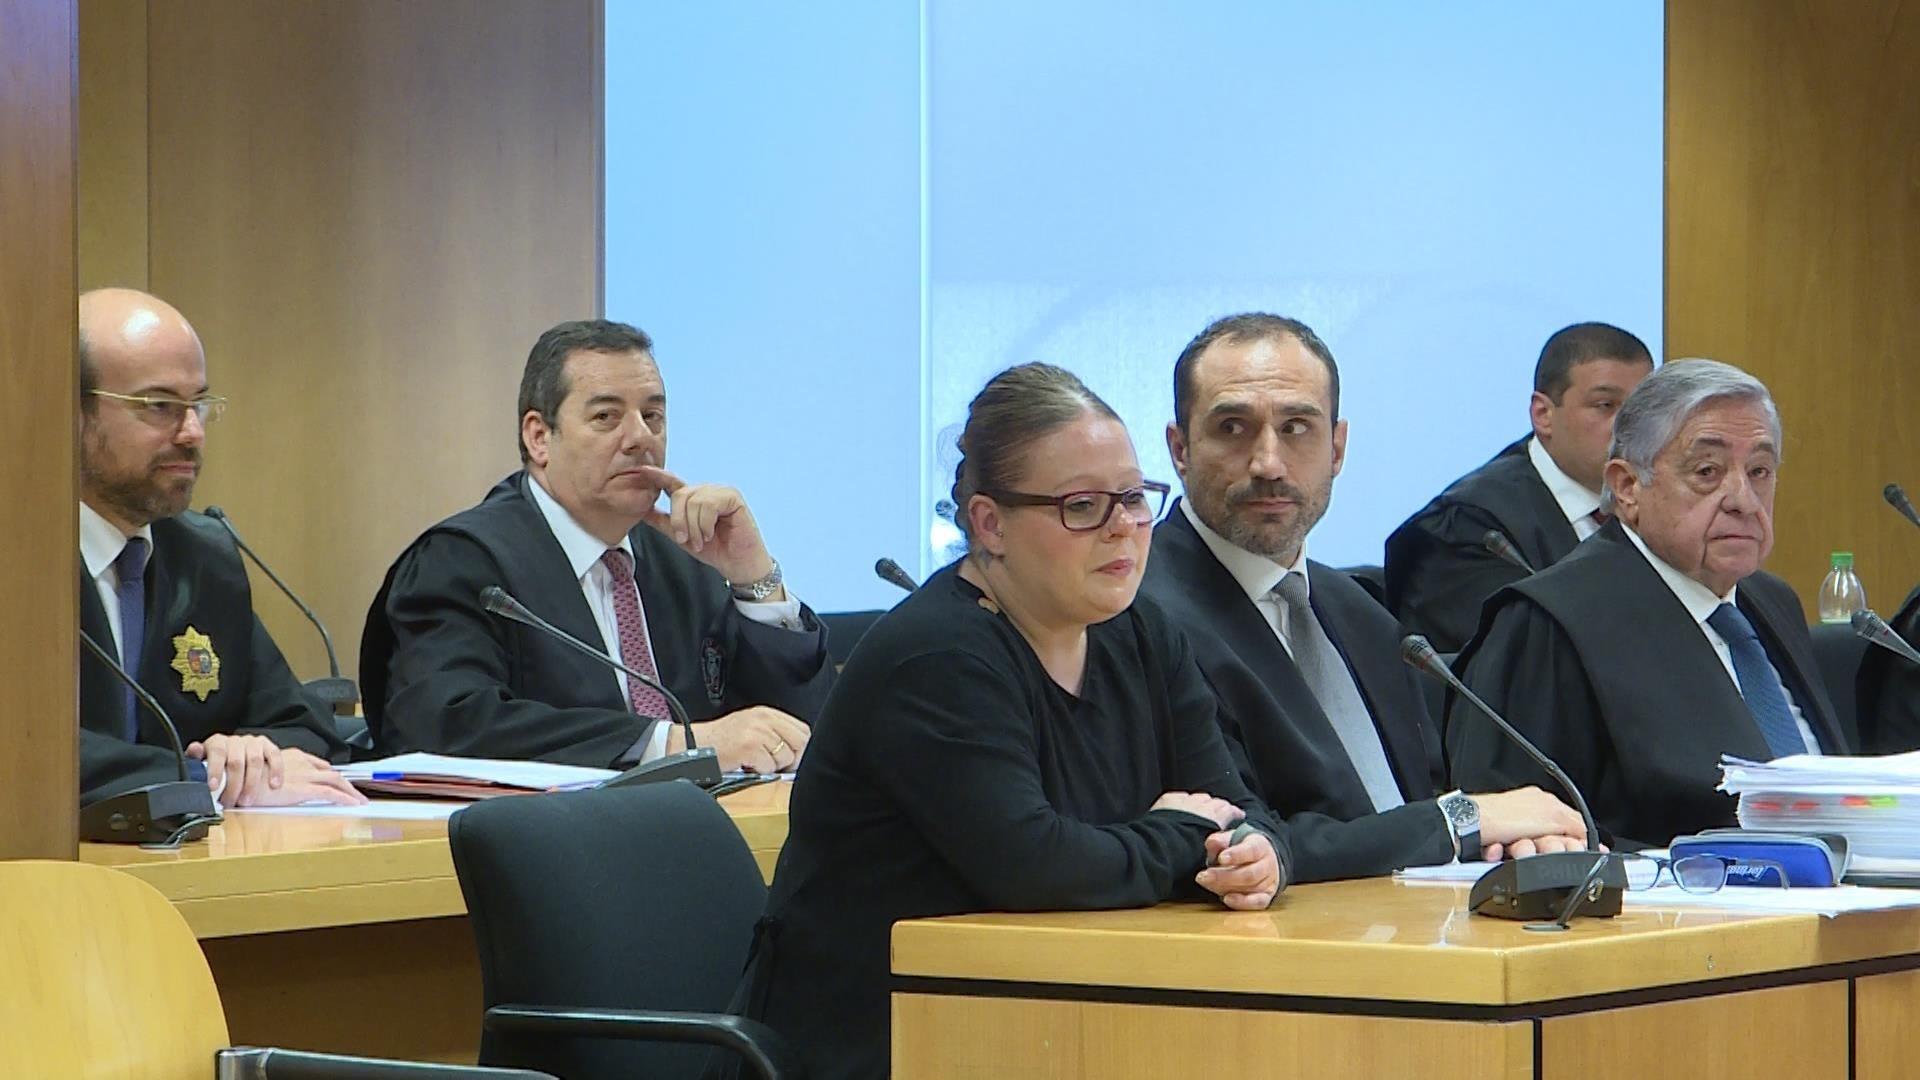 Auxiliar de enfermería de Alcalá de Henares en el juicio @EP